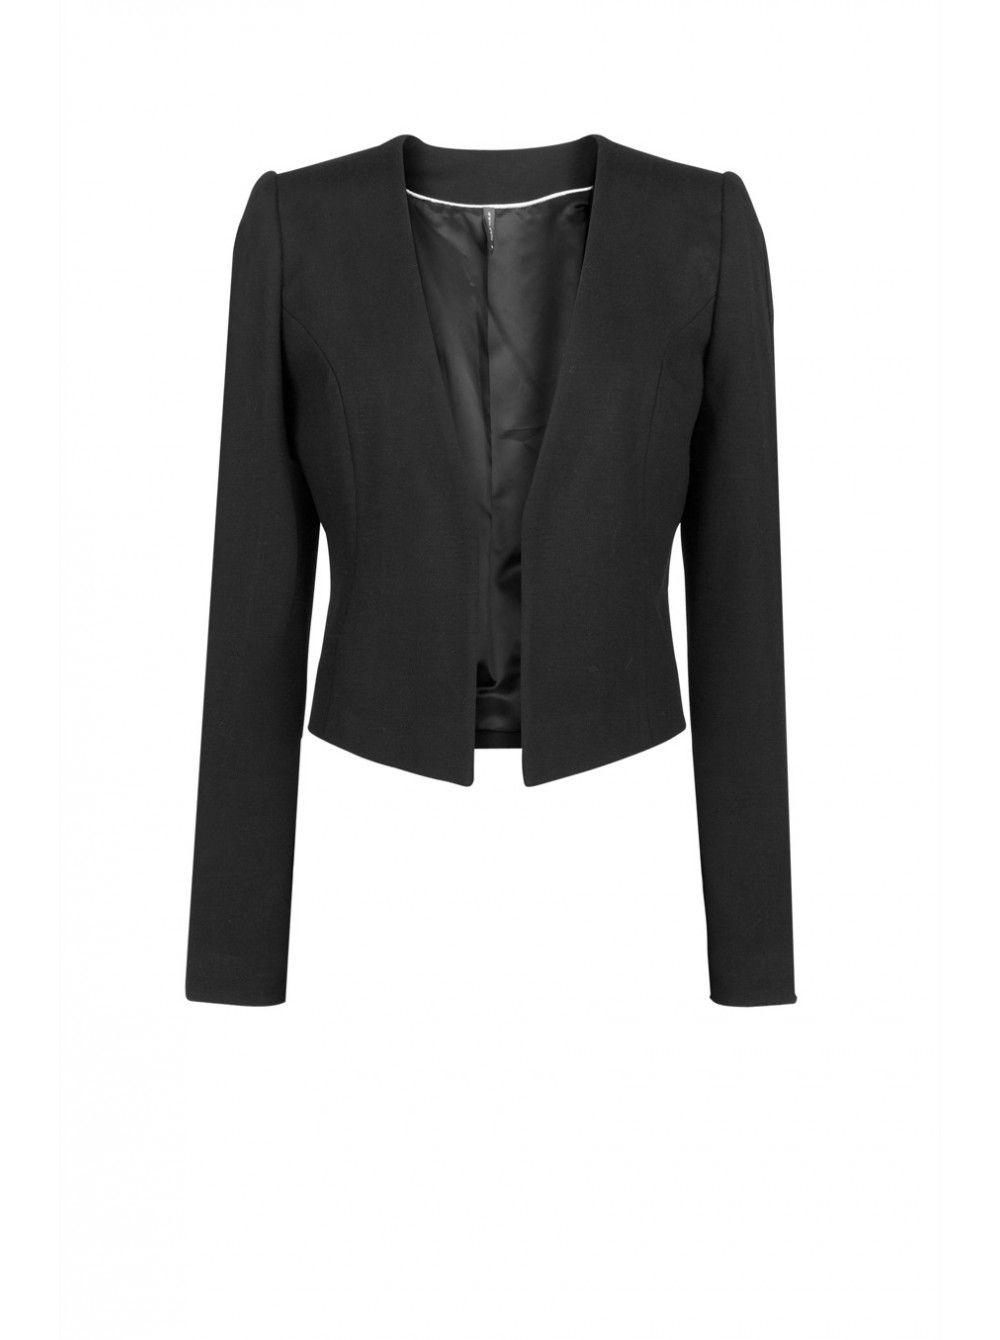 veste courte sans fermeture noir vestes femme naf naf projets cole pinterest vestes. Black Bedroom Furniture Sets. Home Design Ideas